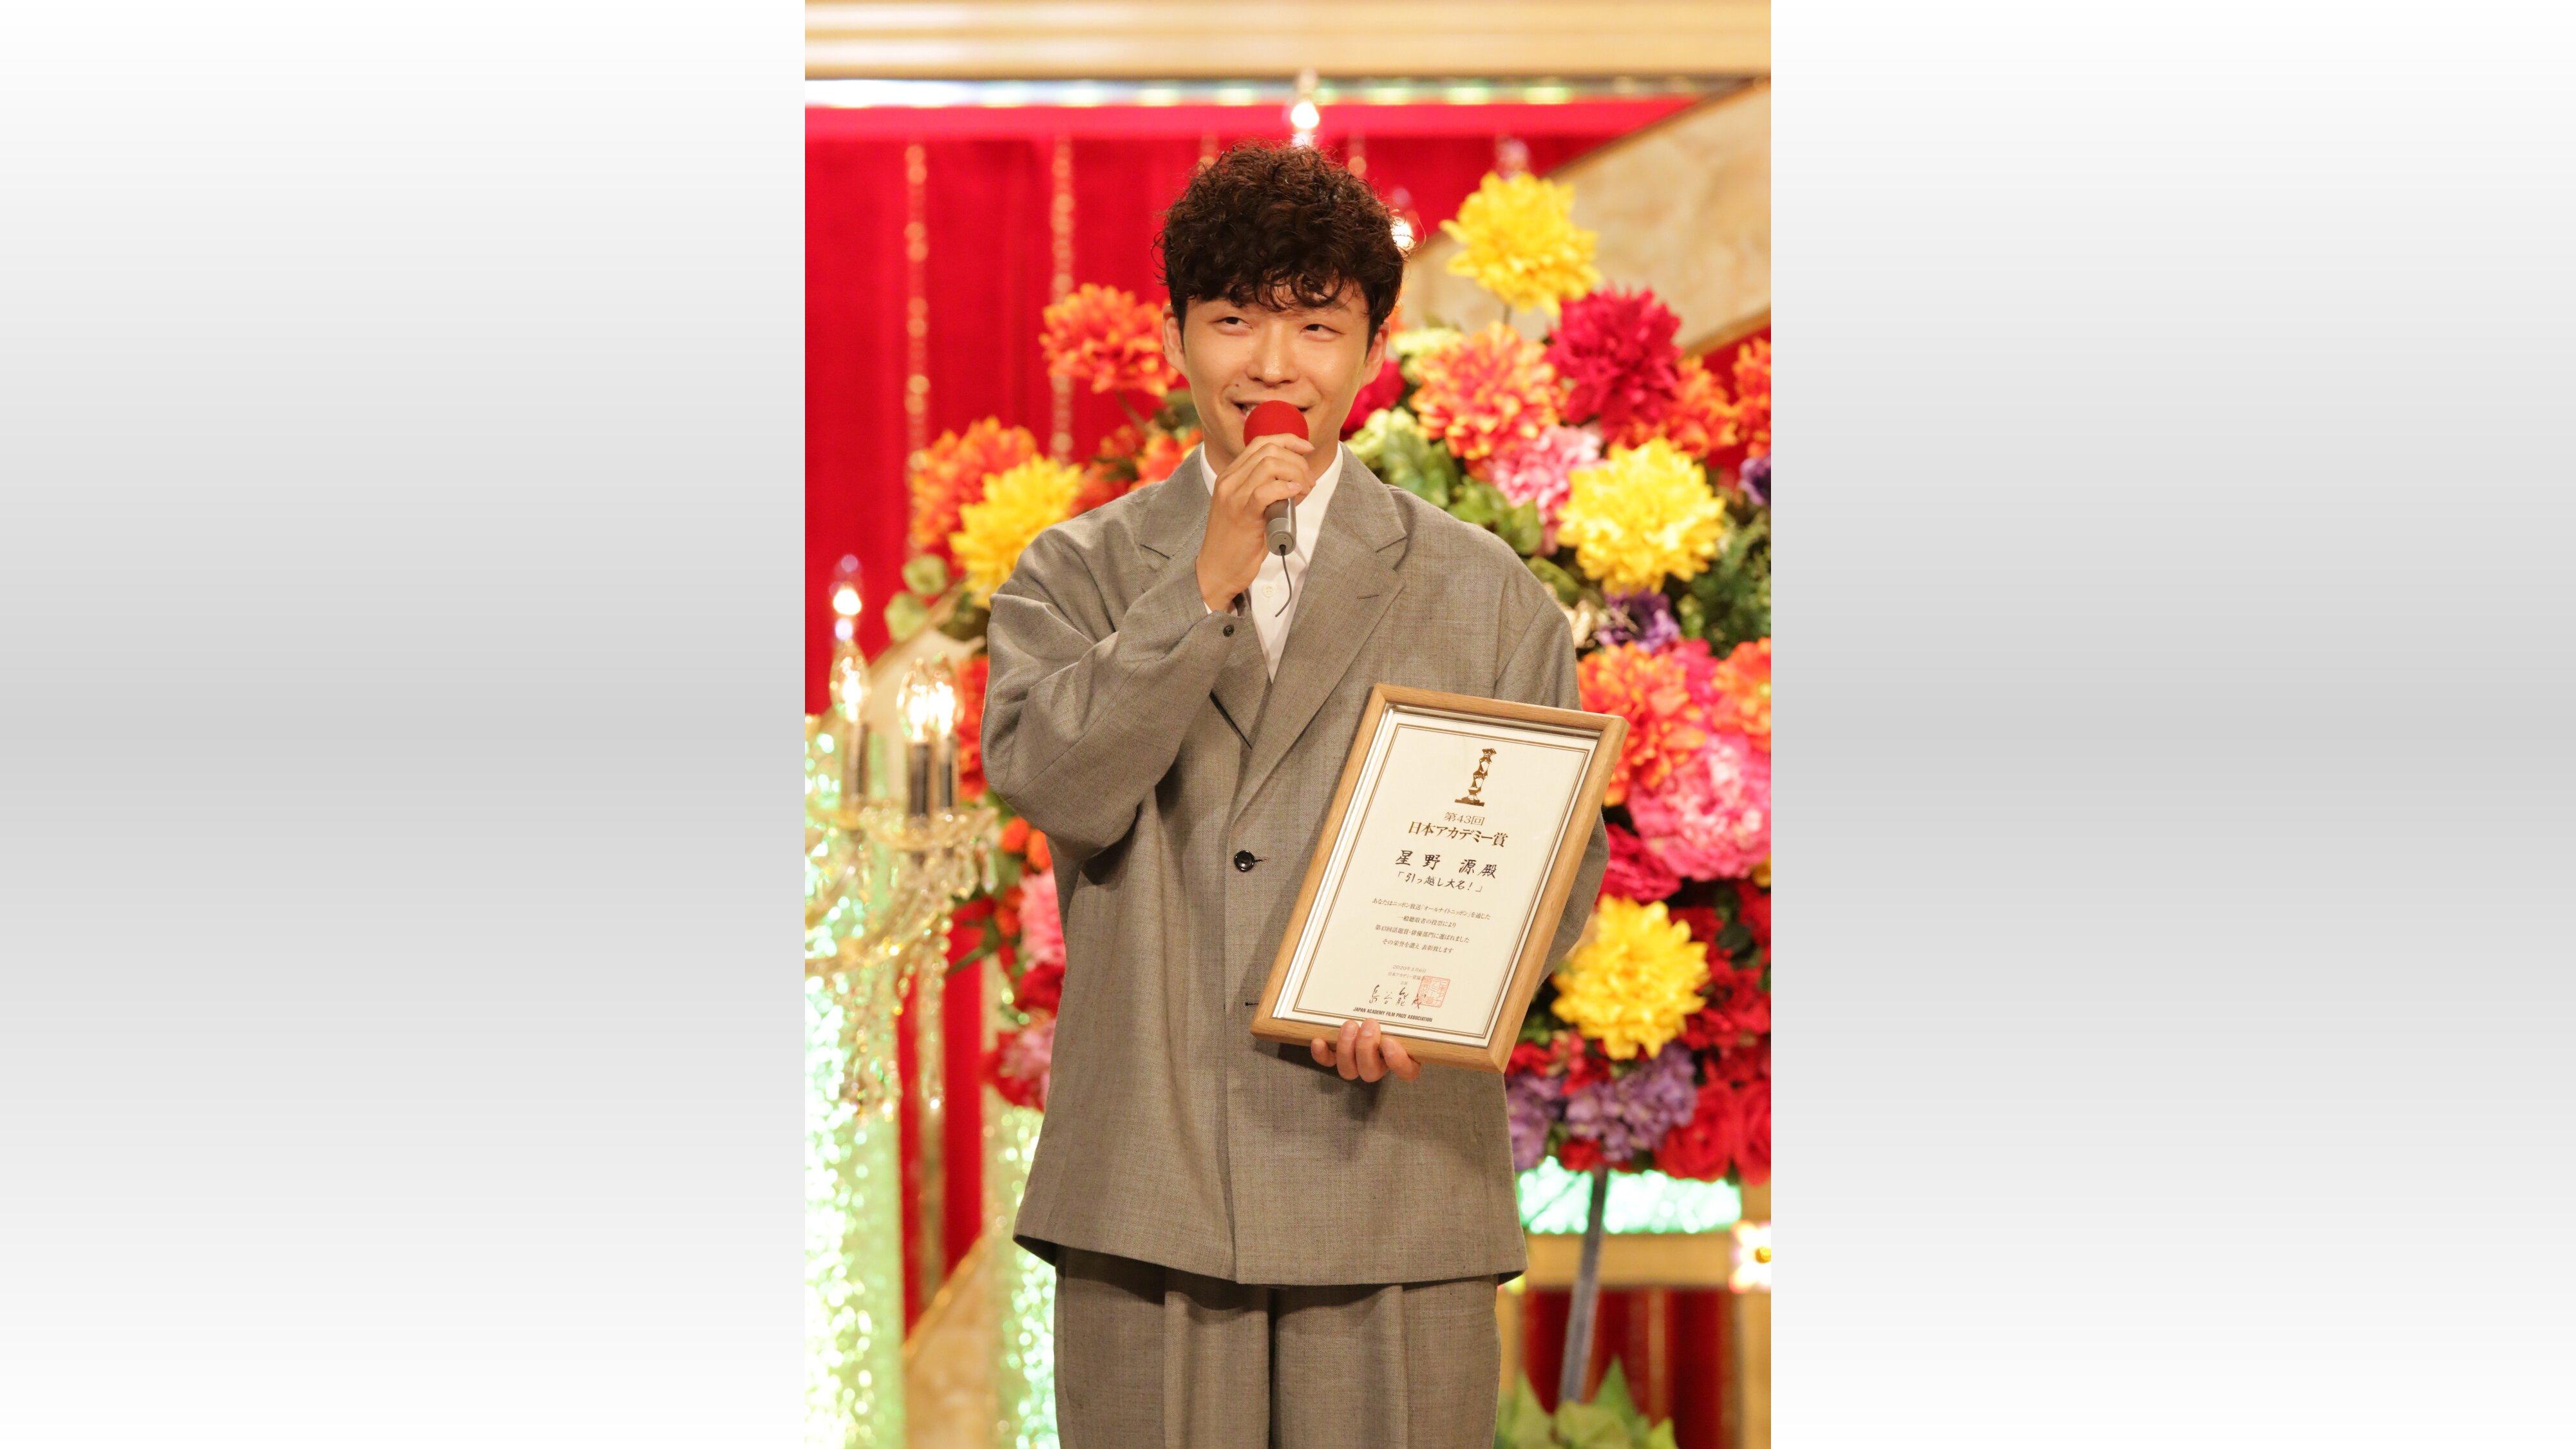 賞 話題 アカデミー 日本 賞